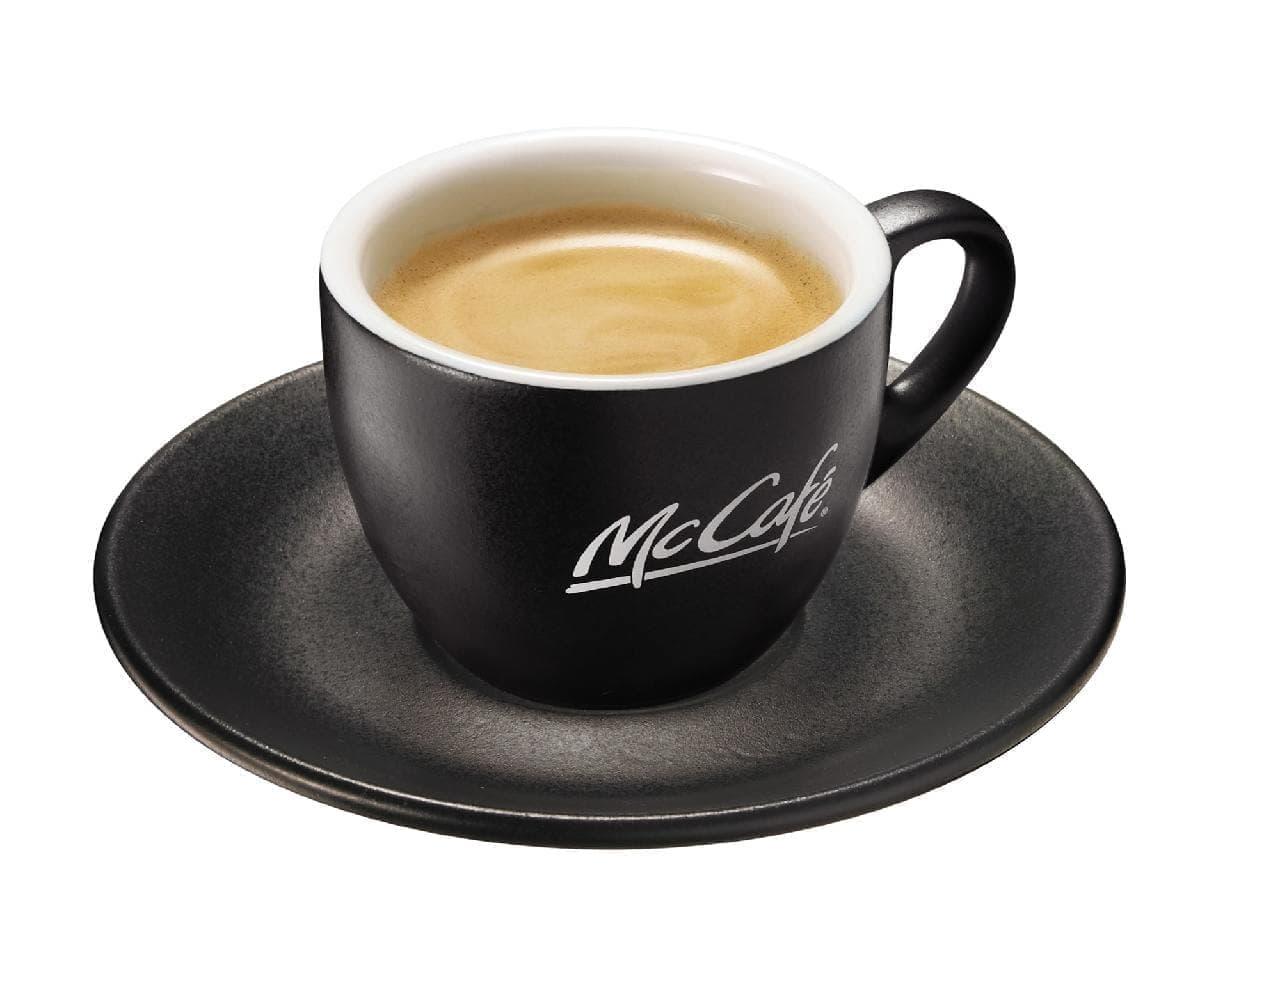 マックカフェ バイ バリスタのエスプレッソ